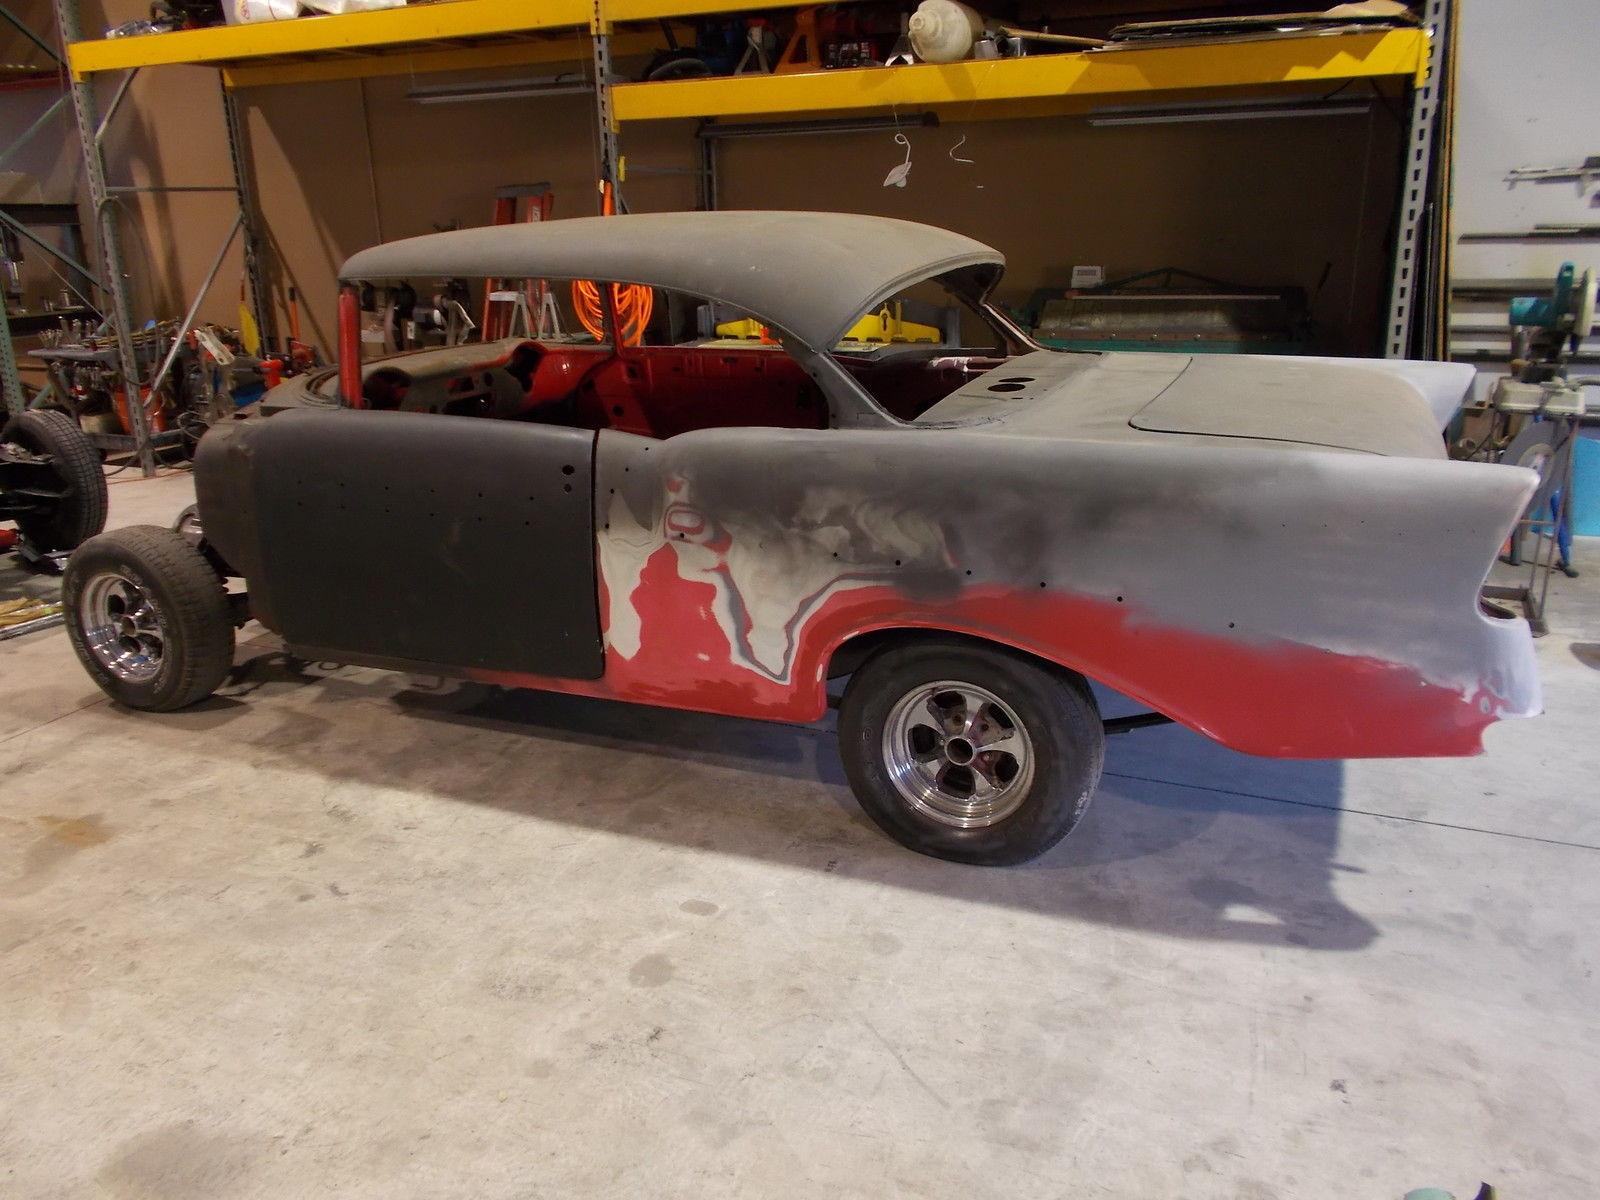 1956 Chevrolet Bel Air Sport Coupe 2 Door Hardtop Project